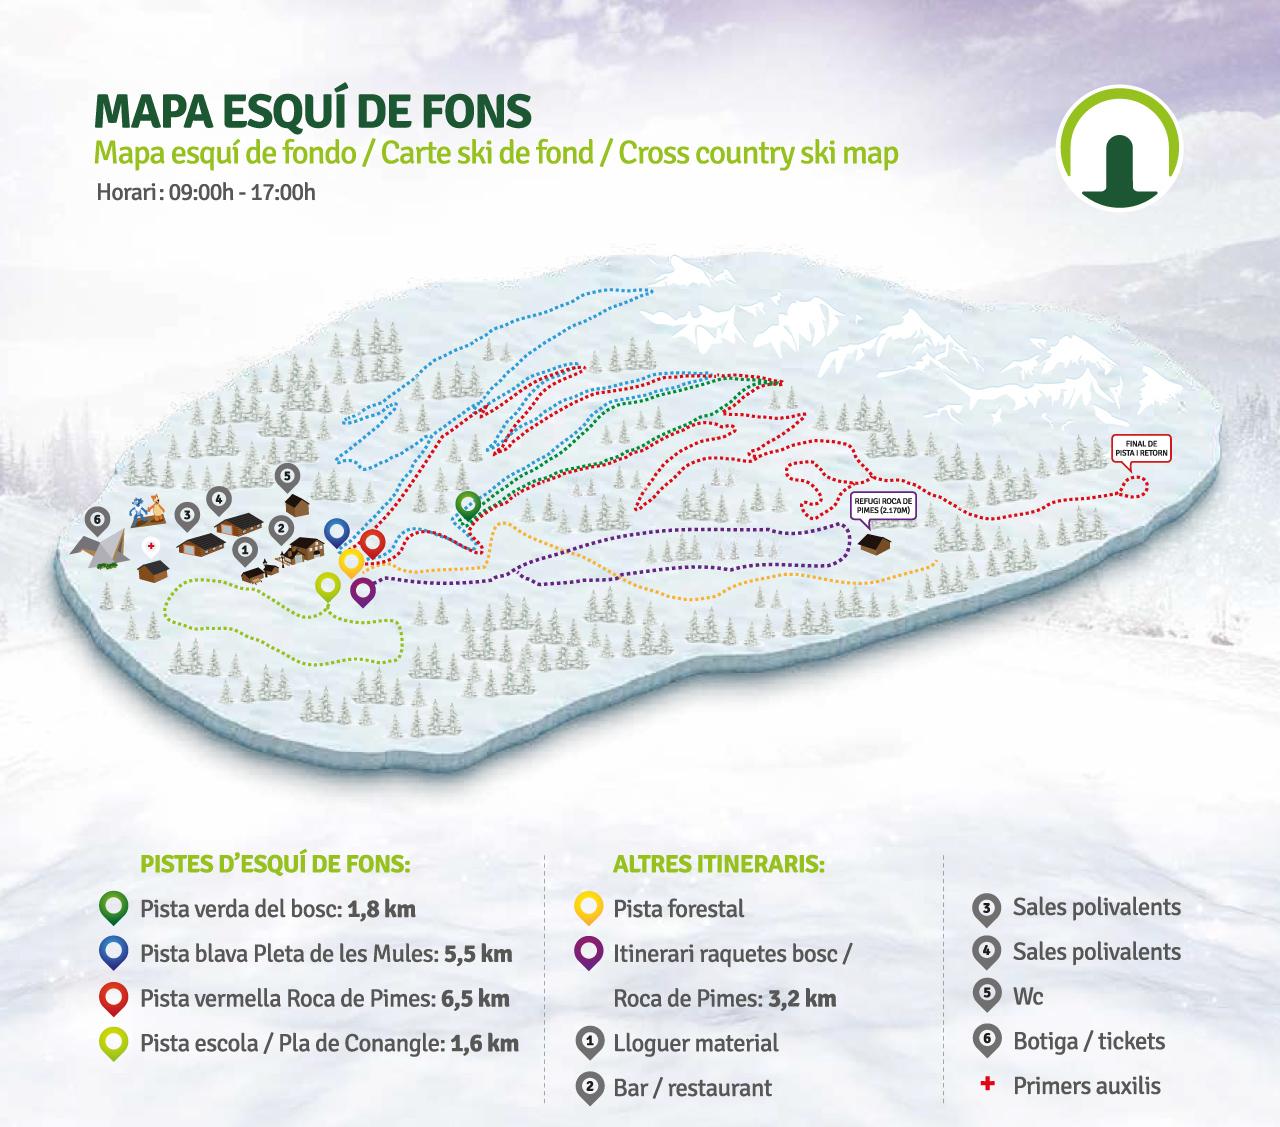 Mapa Esquí de fons Naturlandia